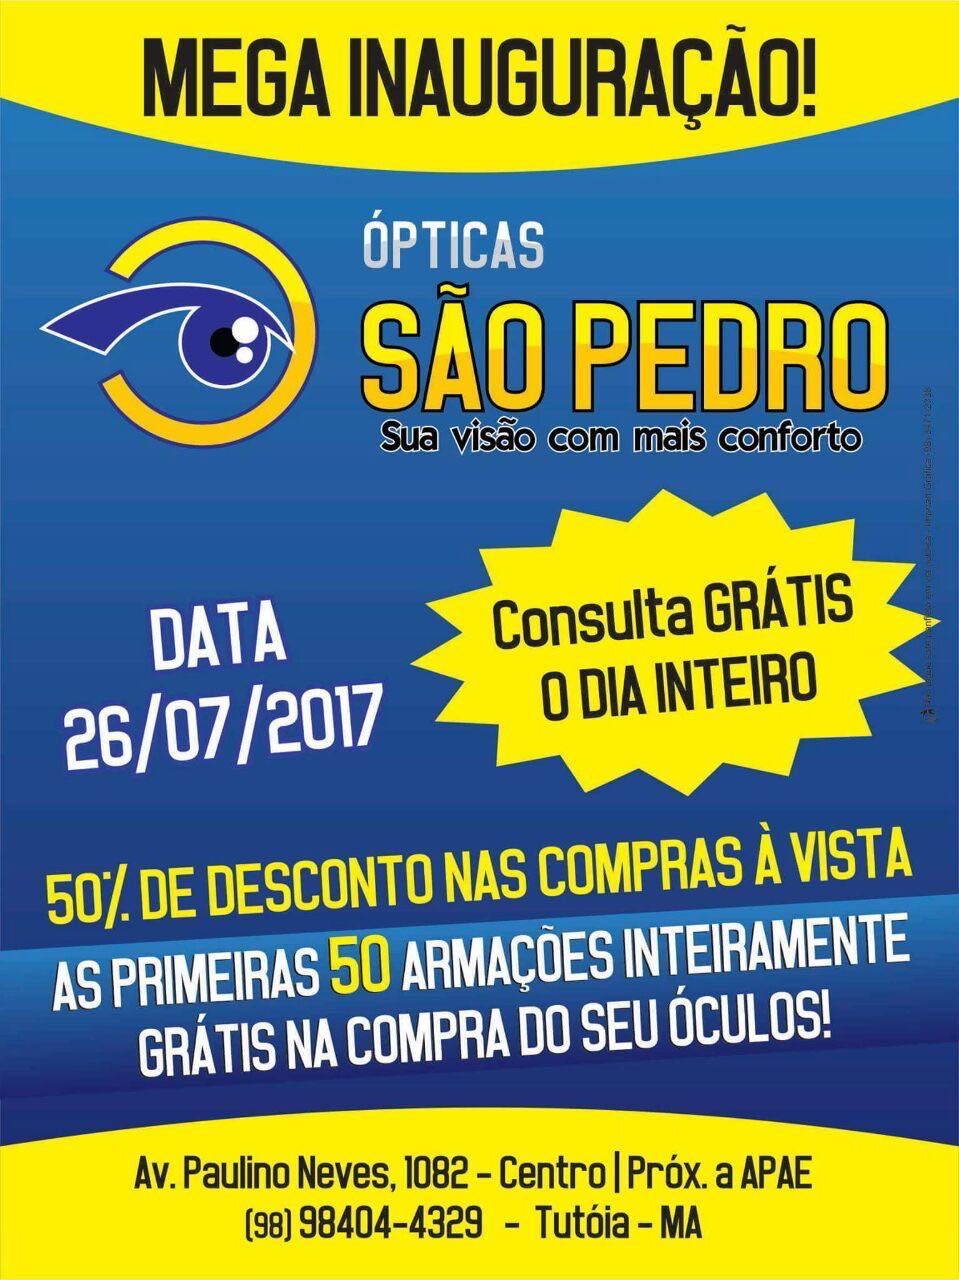 ÓPTICAS SÃO PEDRO